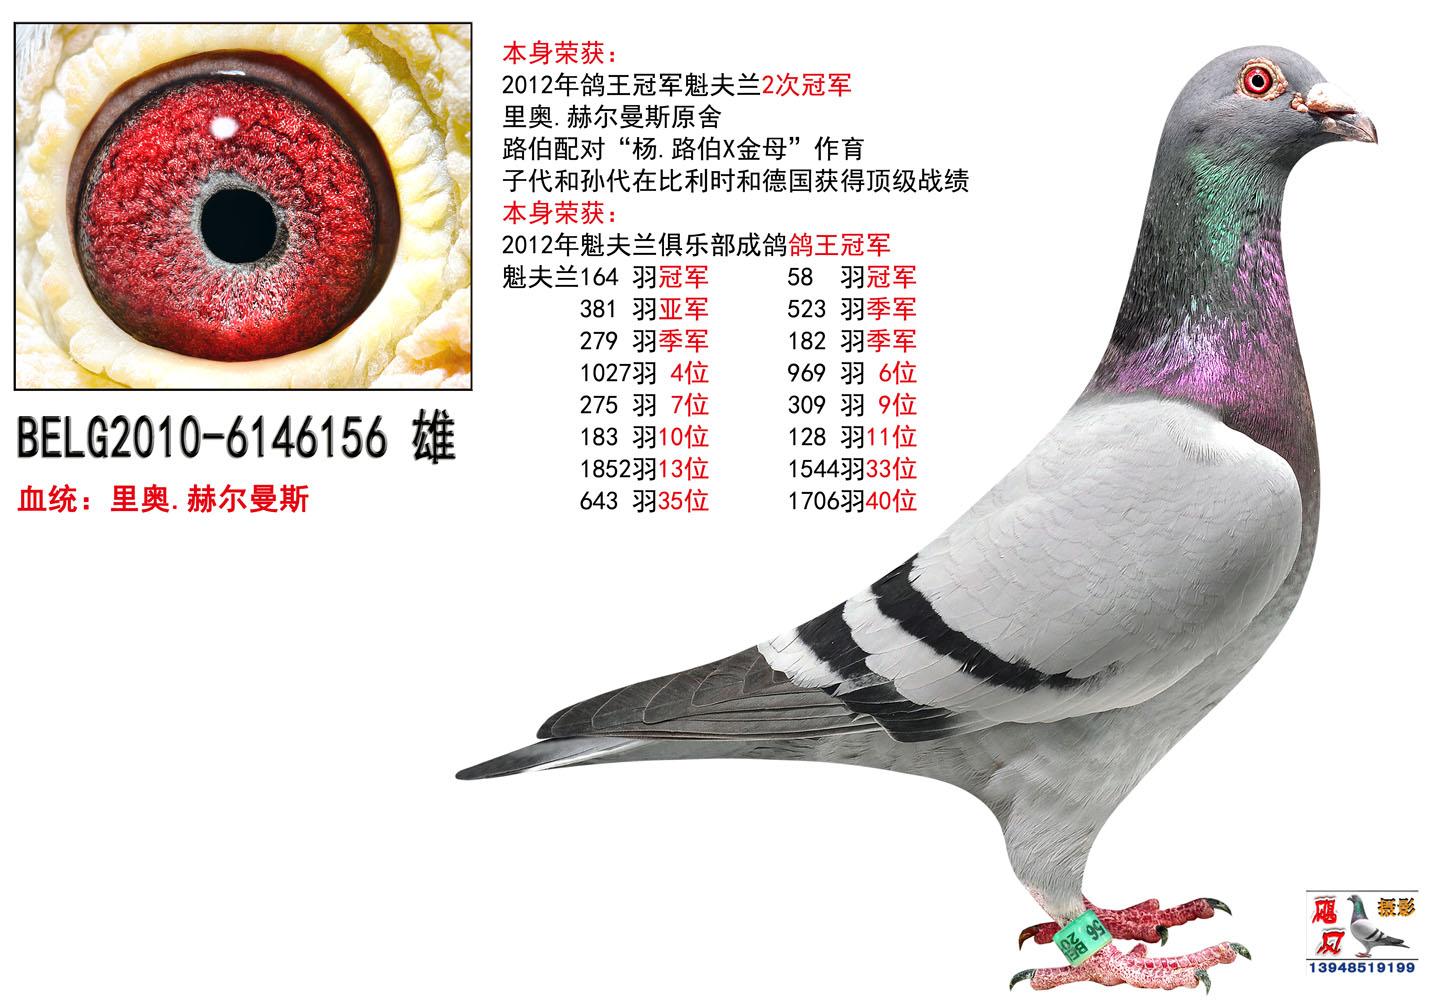 成吉思汗家园欢迎全国鸽友信息交流!